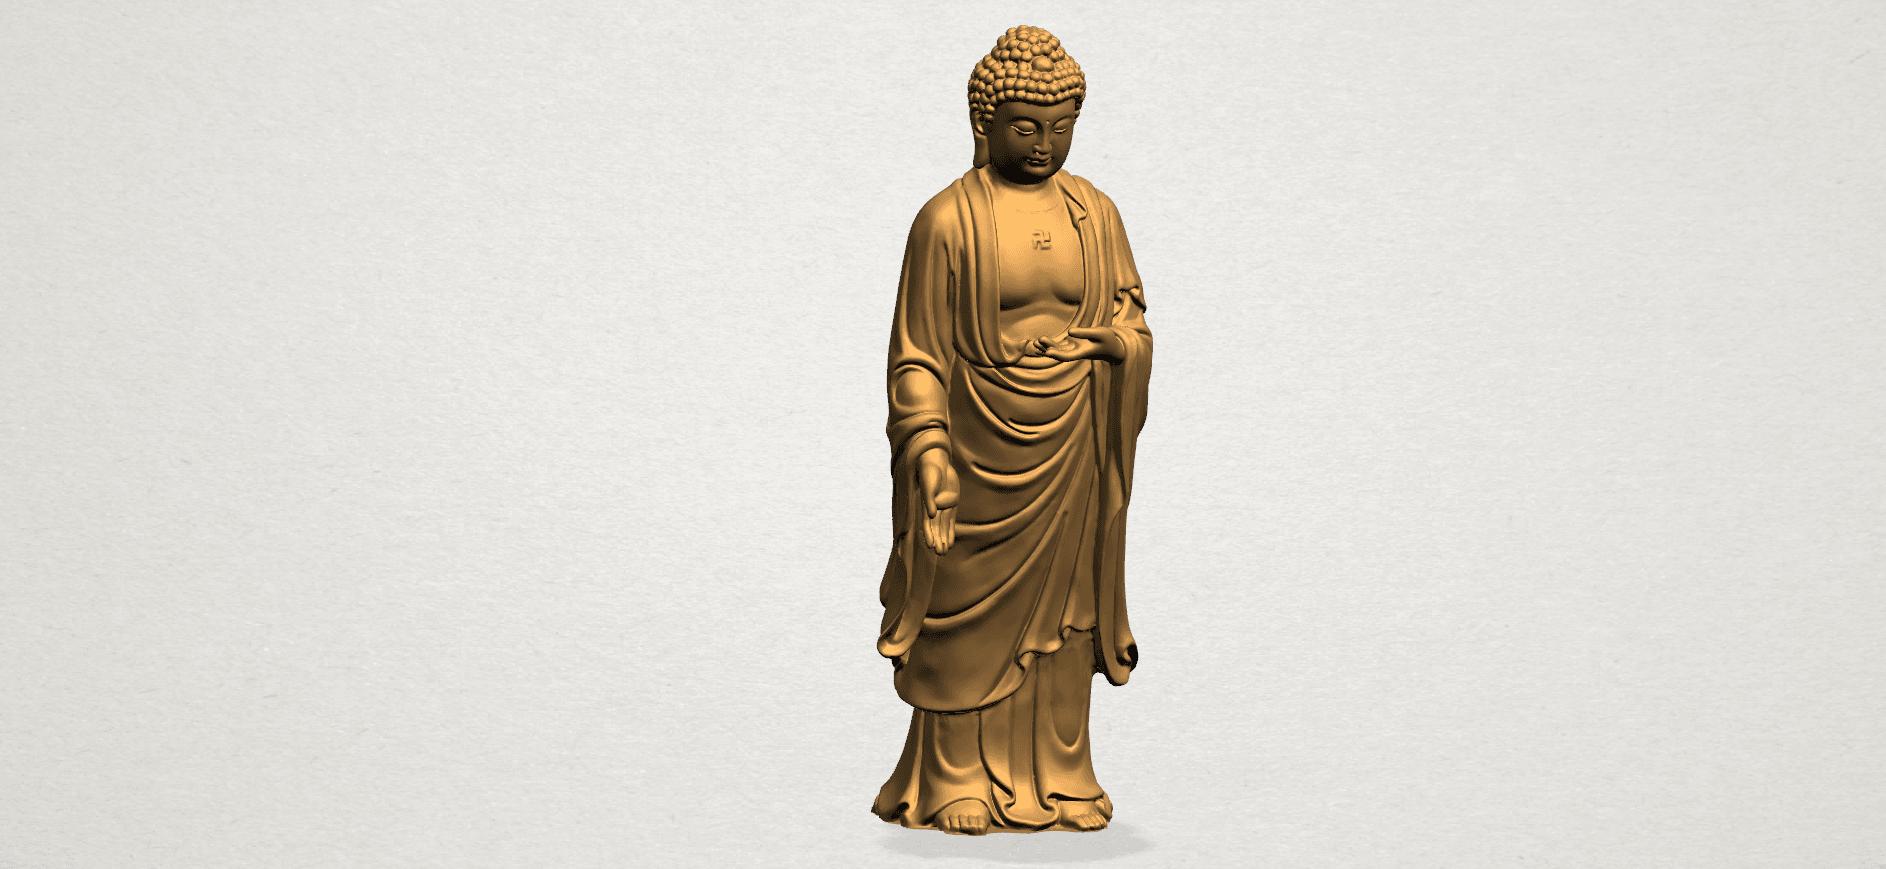 Gautama Buddha (stand)-80mm-A01.png Télécharger fichier STL gratuit Gautama Bouddha - Debout 01 • Plan pour impression 3D, GeorgesNikkei